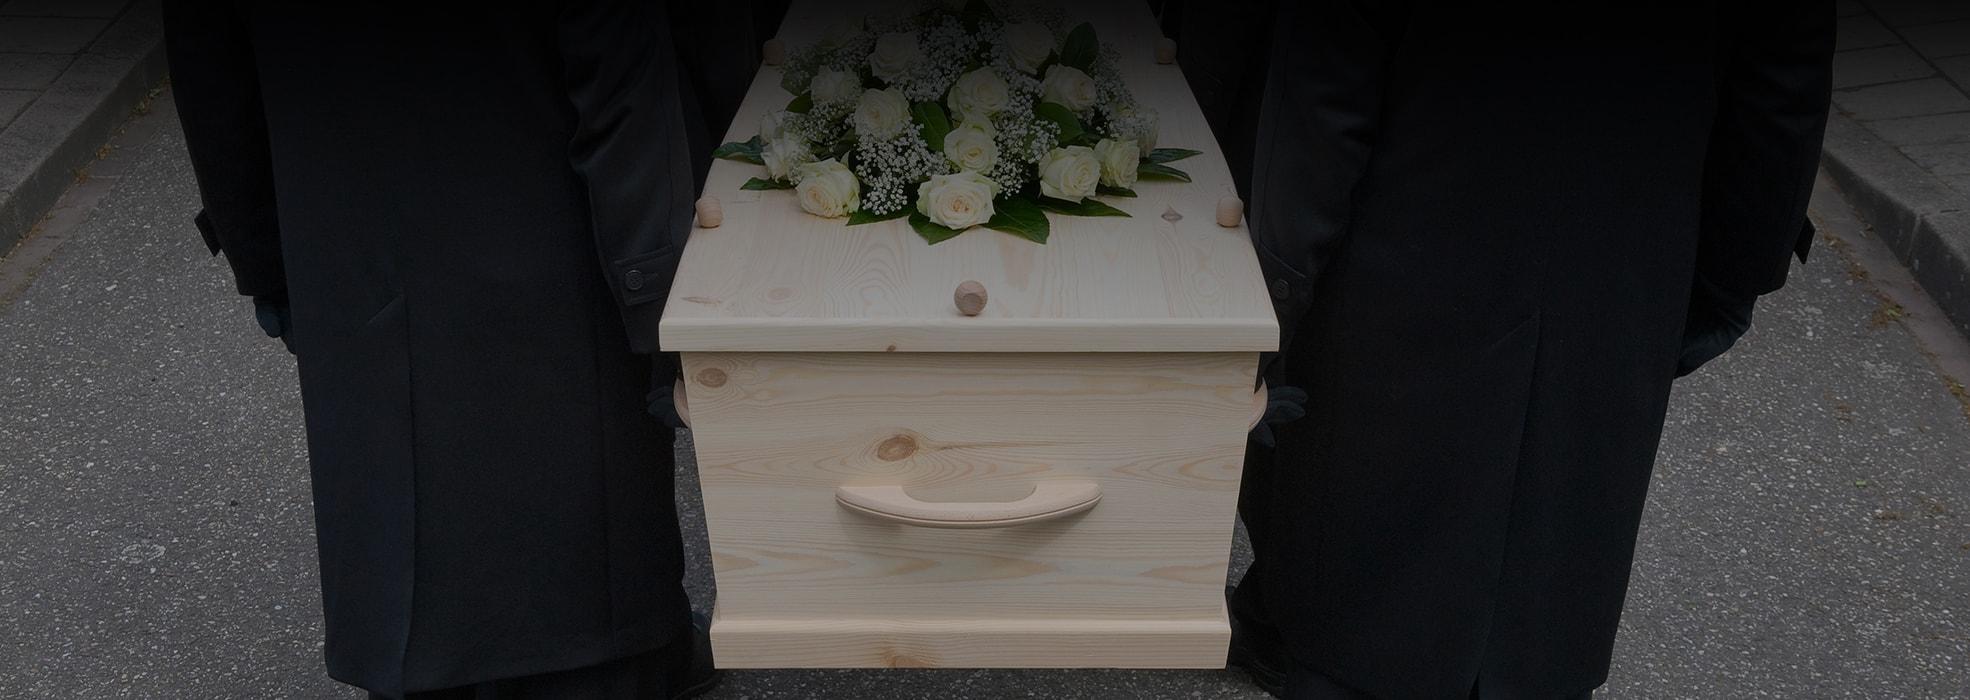 funerailles-pompes-funebres